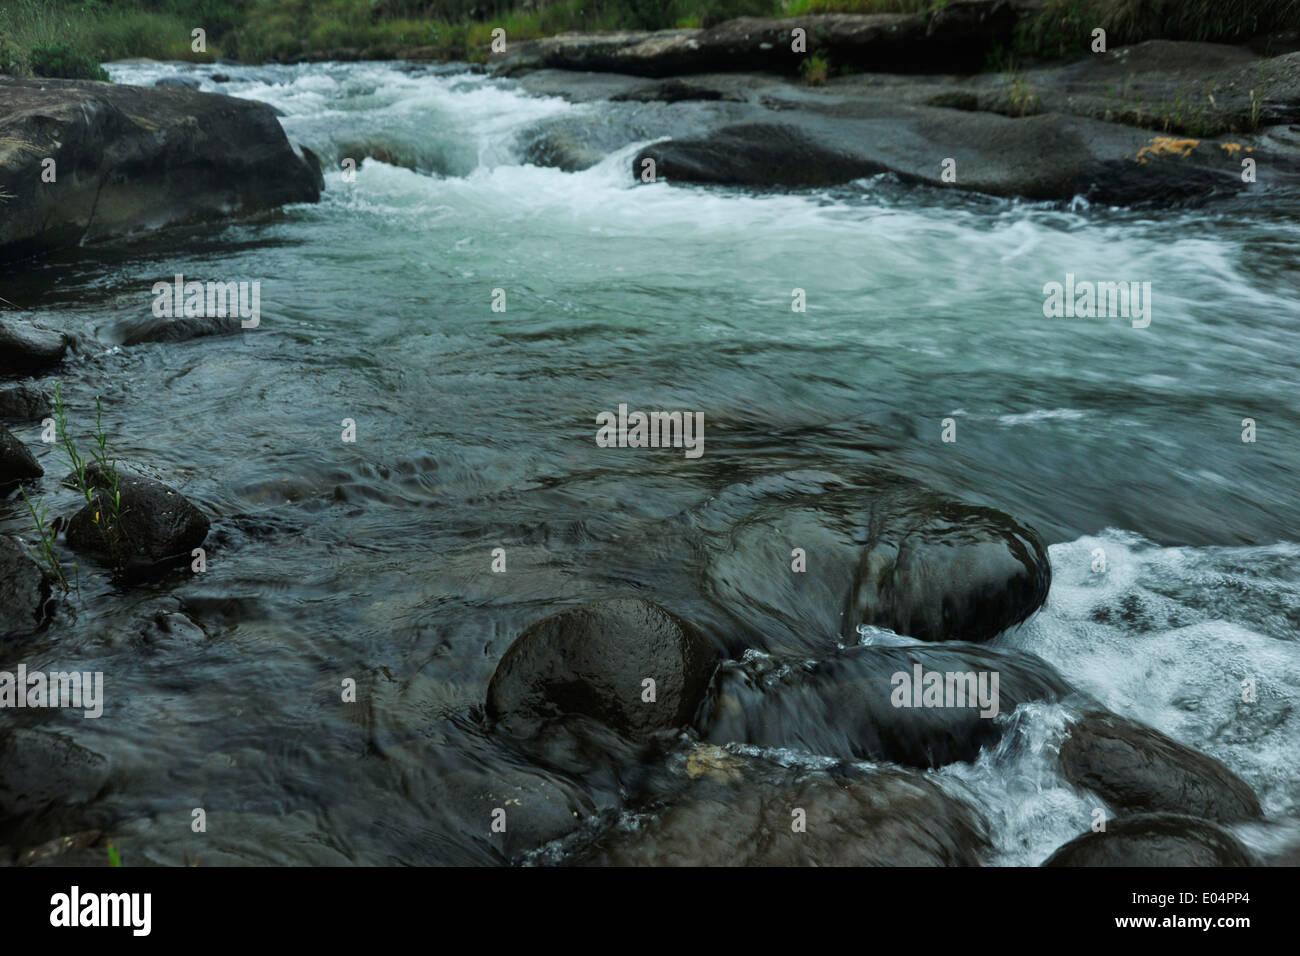 Szene der Stream fließt Wasser natürlichen Pool, rockt schnelle Strömung des Gebirgsflusses über Nässe rutschig Hintergründe Konzepte Stockbild